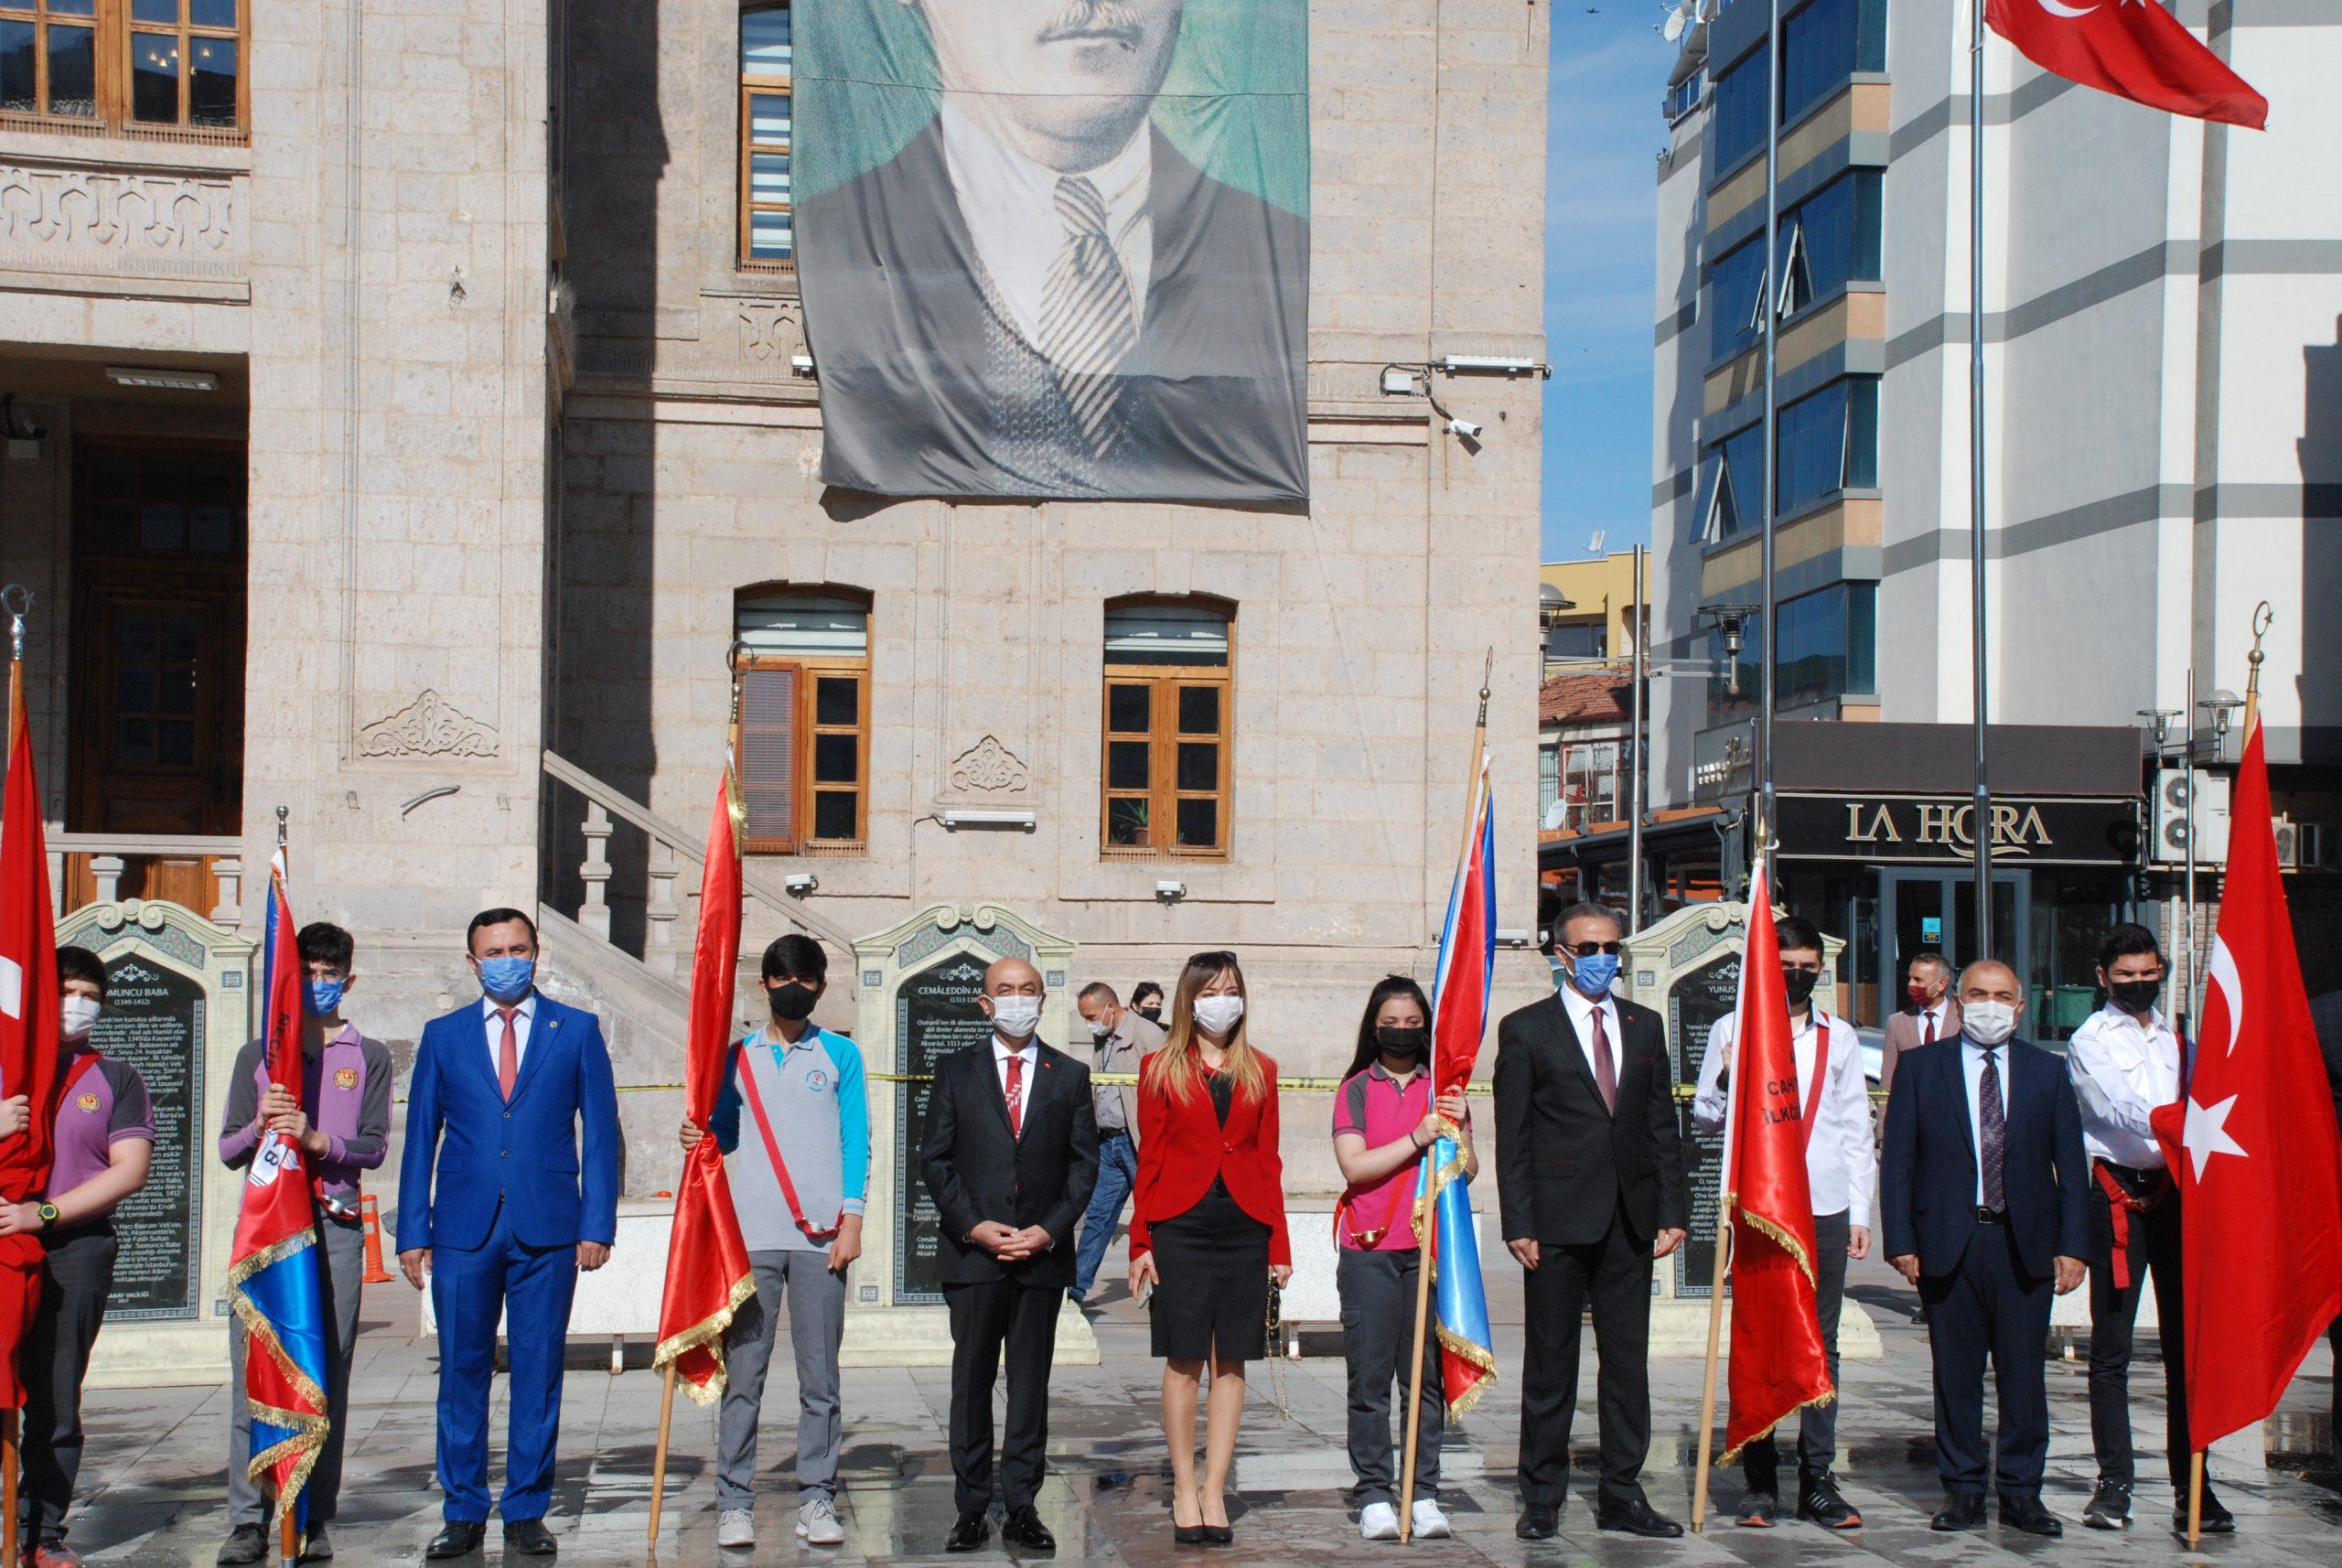 23 Nisan kutlamaları Pandemi nedeniyle Mini tören ile kutlandı